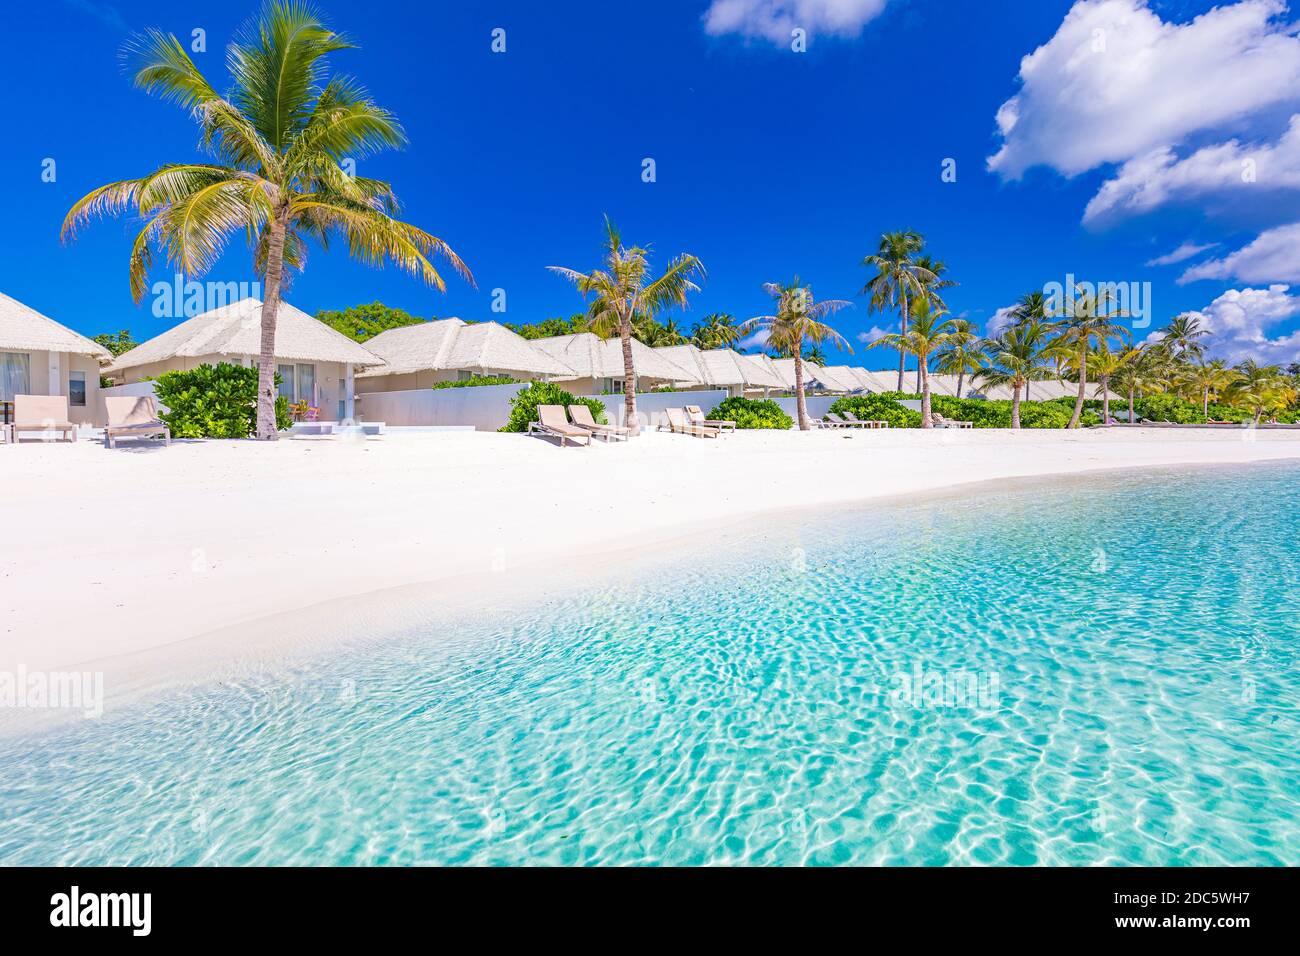 Hermoso complejo de lujo Maldivas isla tropical de playa. Increíble paisaje de playa de viajes, villas de playa, palmeras en arena blanca. Exótica vista de verano Foto de stock